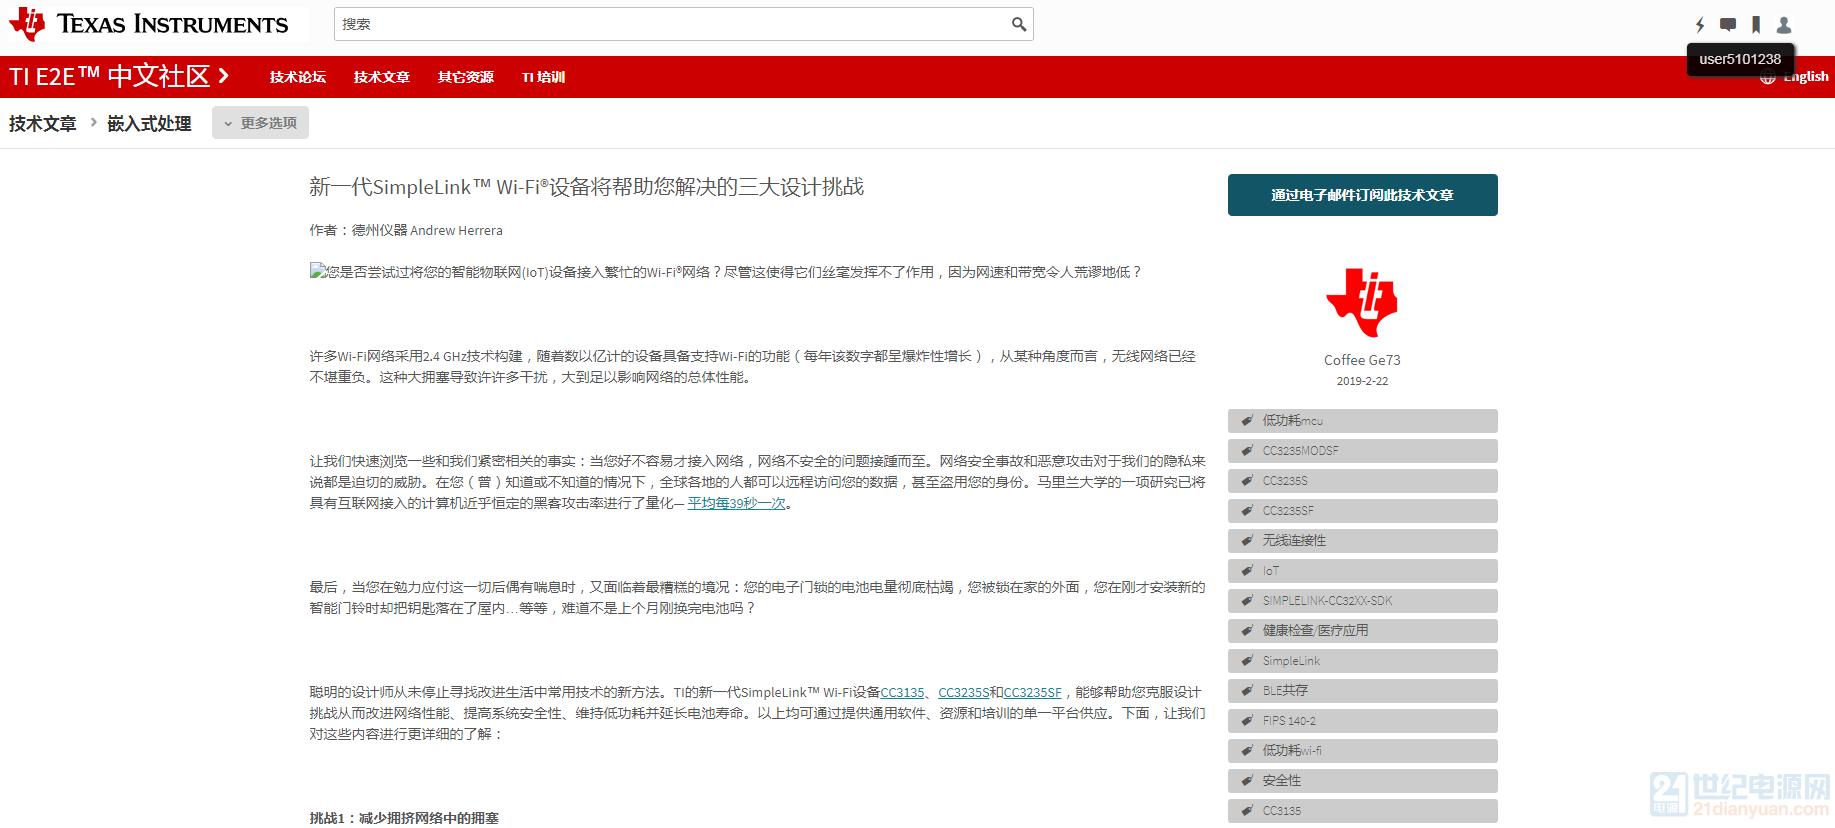 嵌入式处理技术文章.png